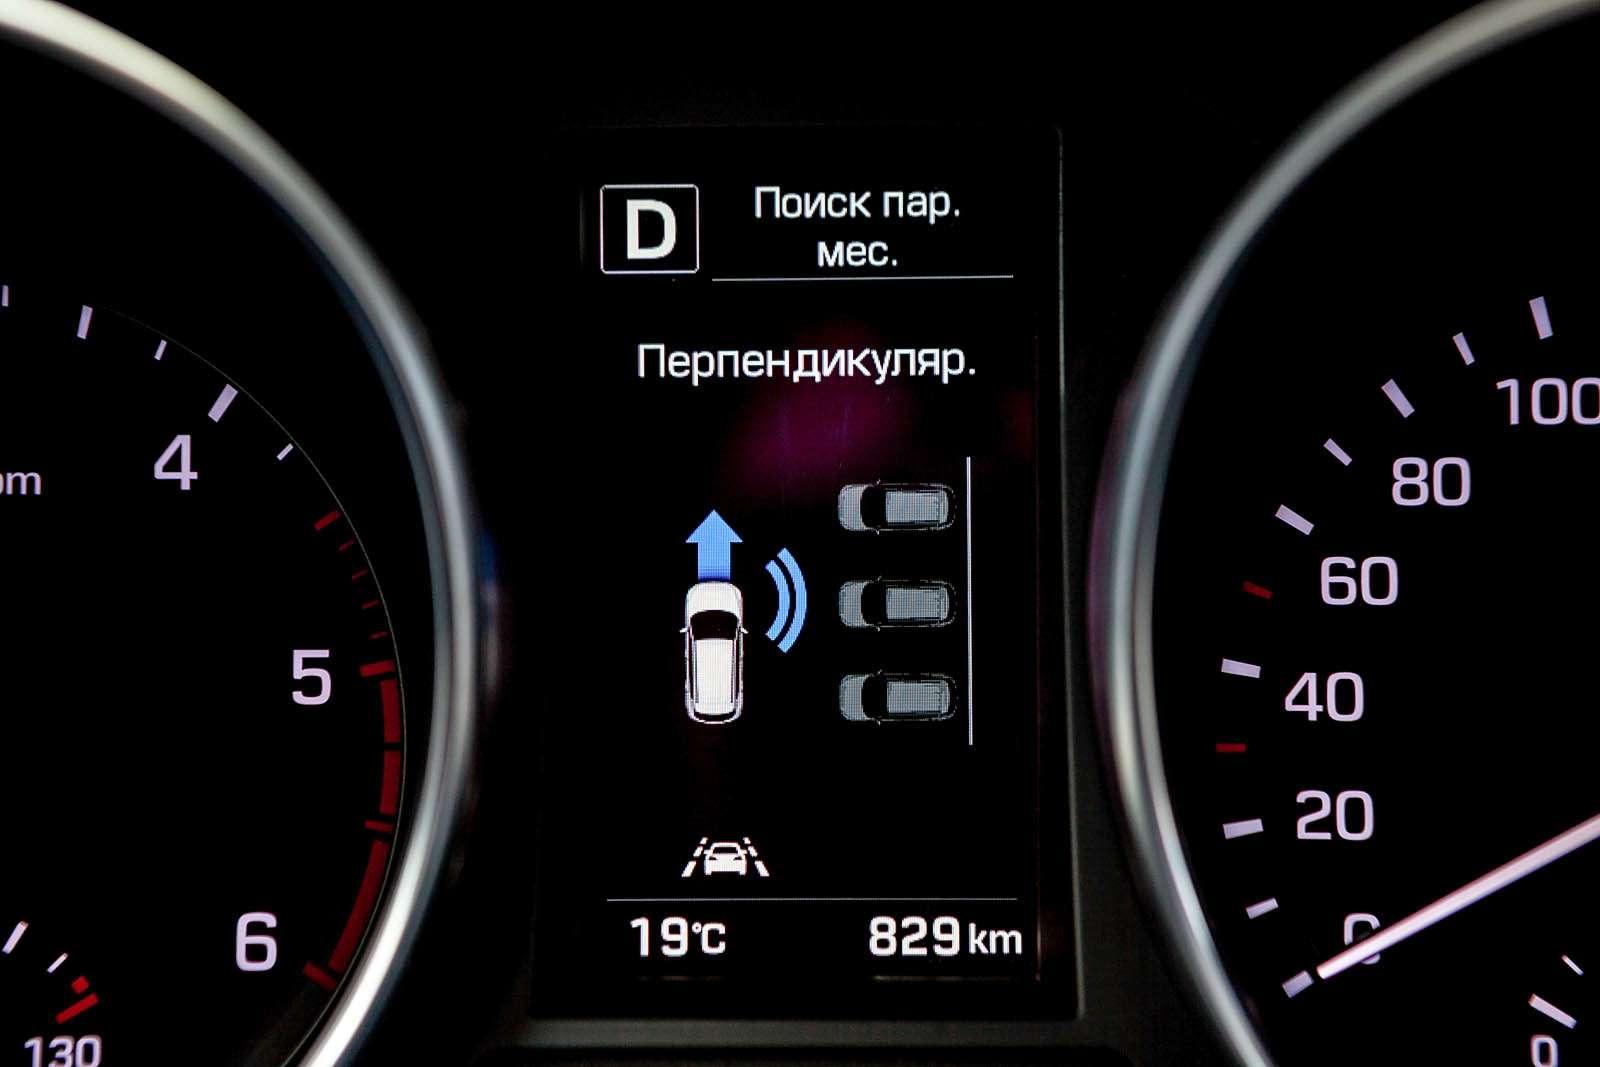 Обновленный Hyundai Grand Santa Fe: первый российский тест-драйв— фото 593791